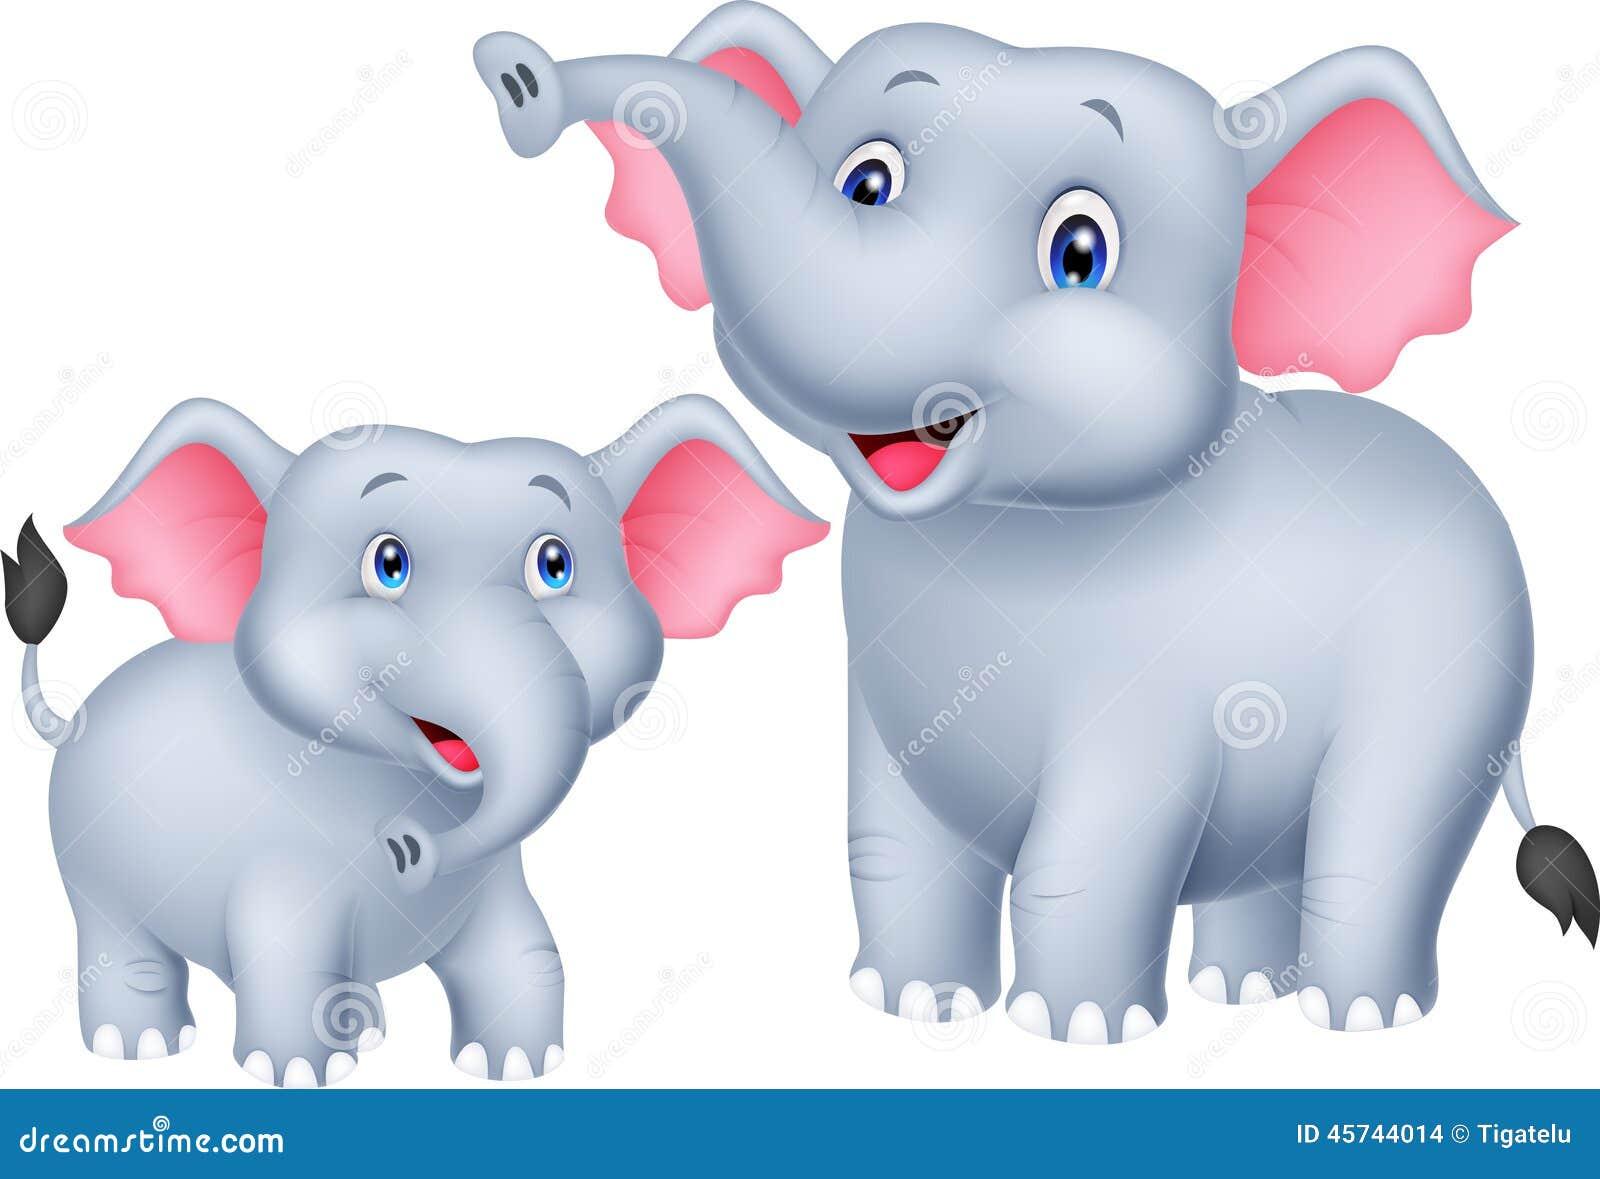 Zoológico De Animais Bebê Dos Desenhos Animados Vetor: Mãe Dos Desenhos Animados E Elefante Do Bebê Ilustração Do